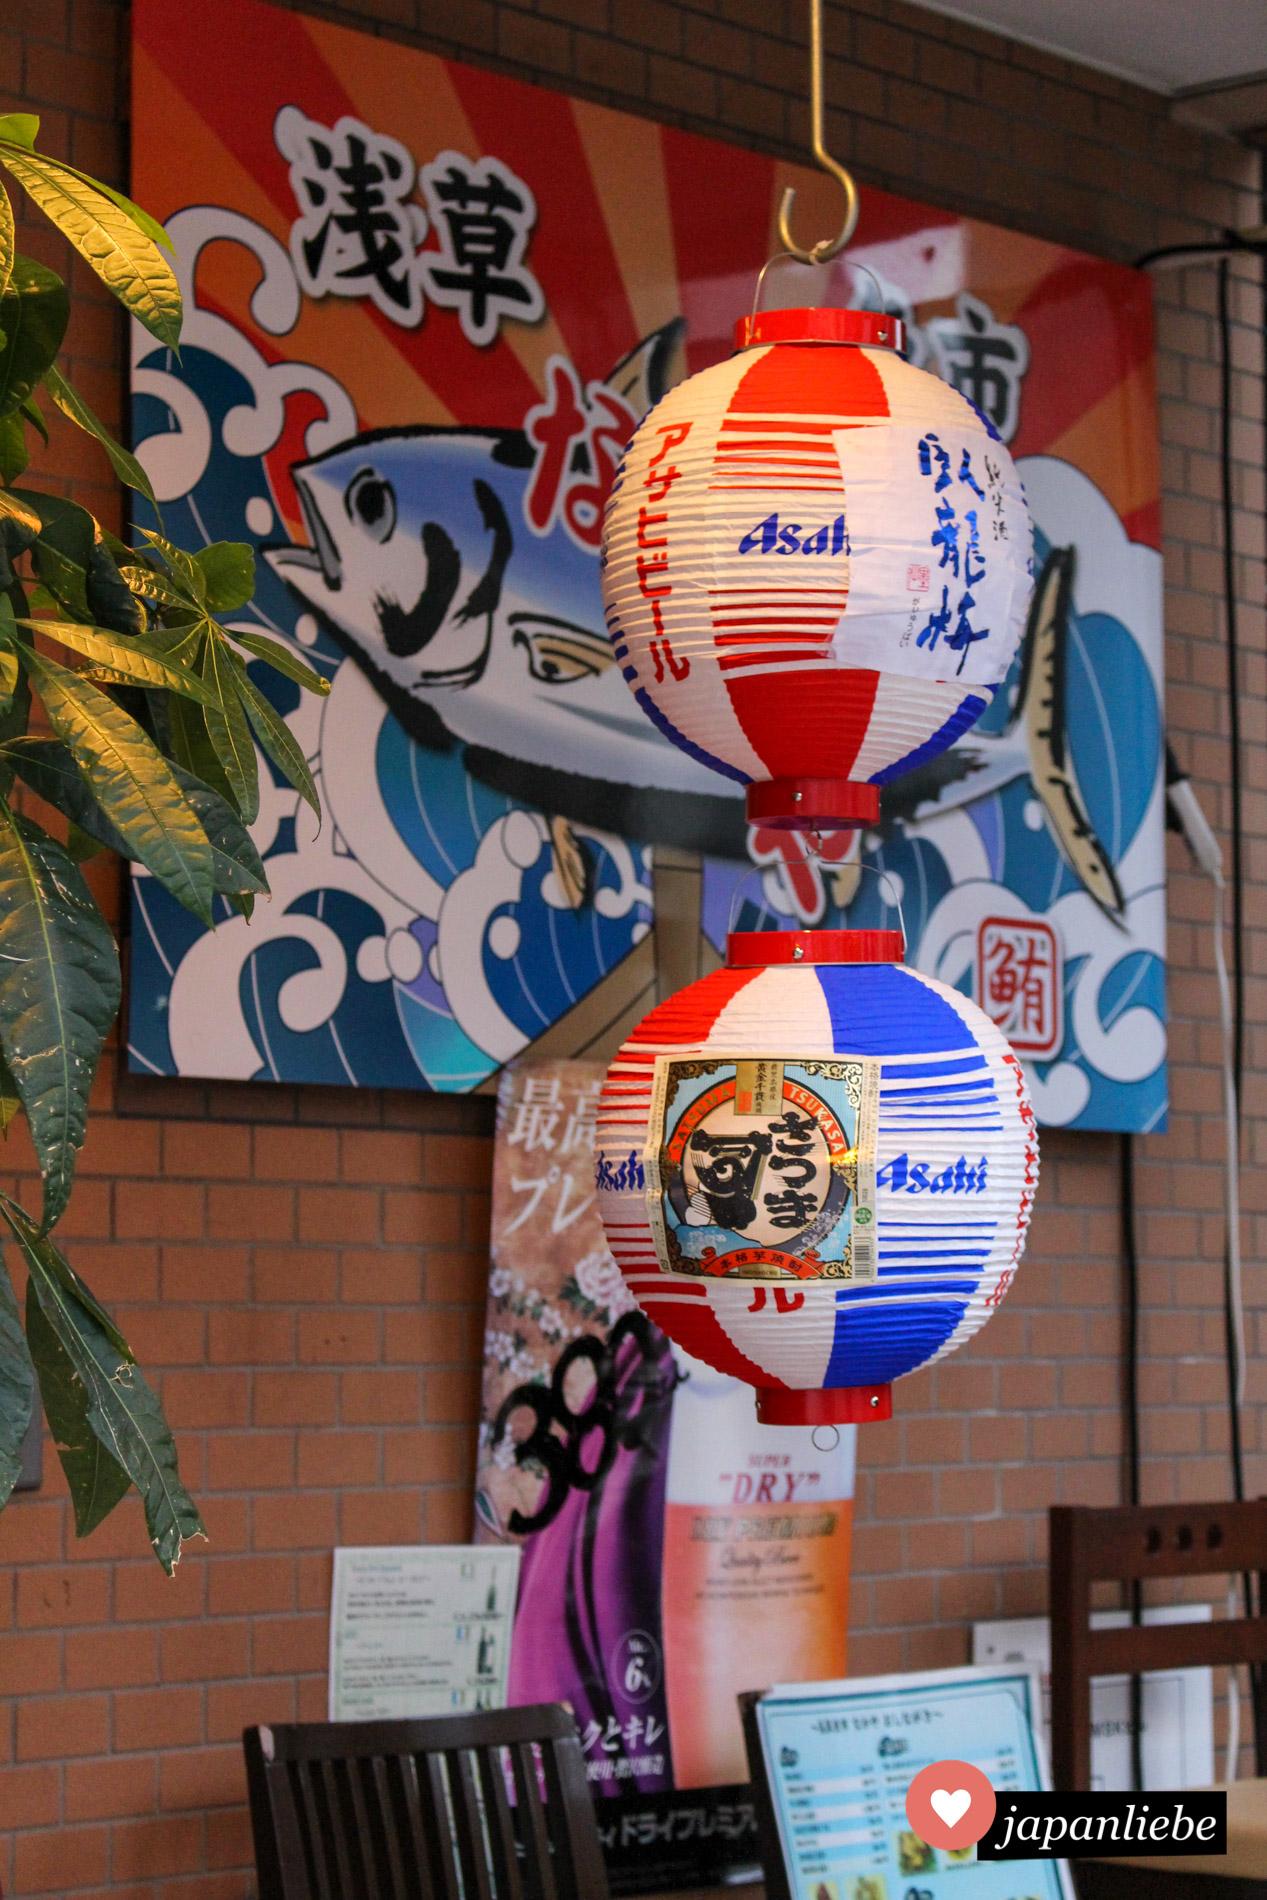 Die Asahi-Brauerei bewirbt ihre alkoholischen Getränke mit einer modernen Version von Papierlaternen.